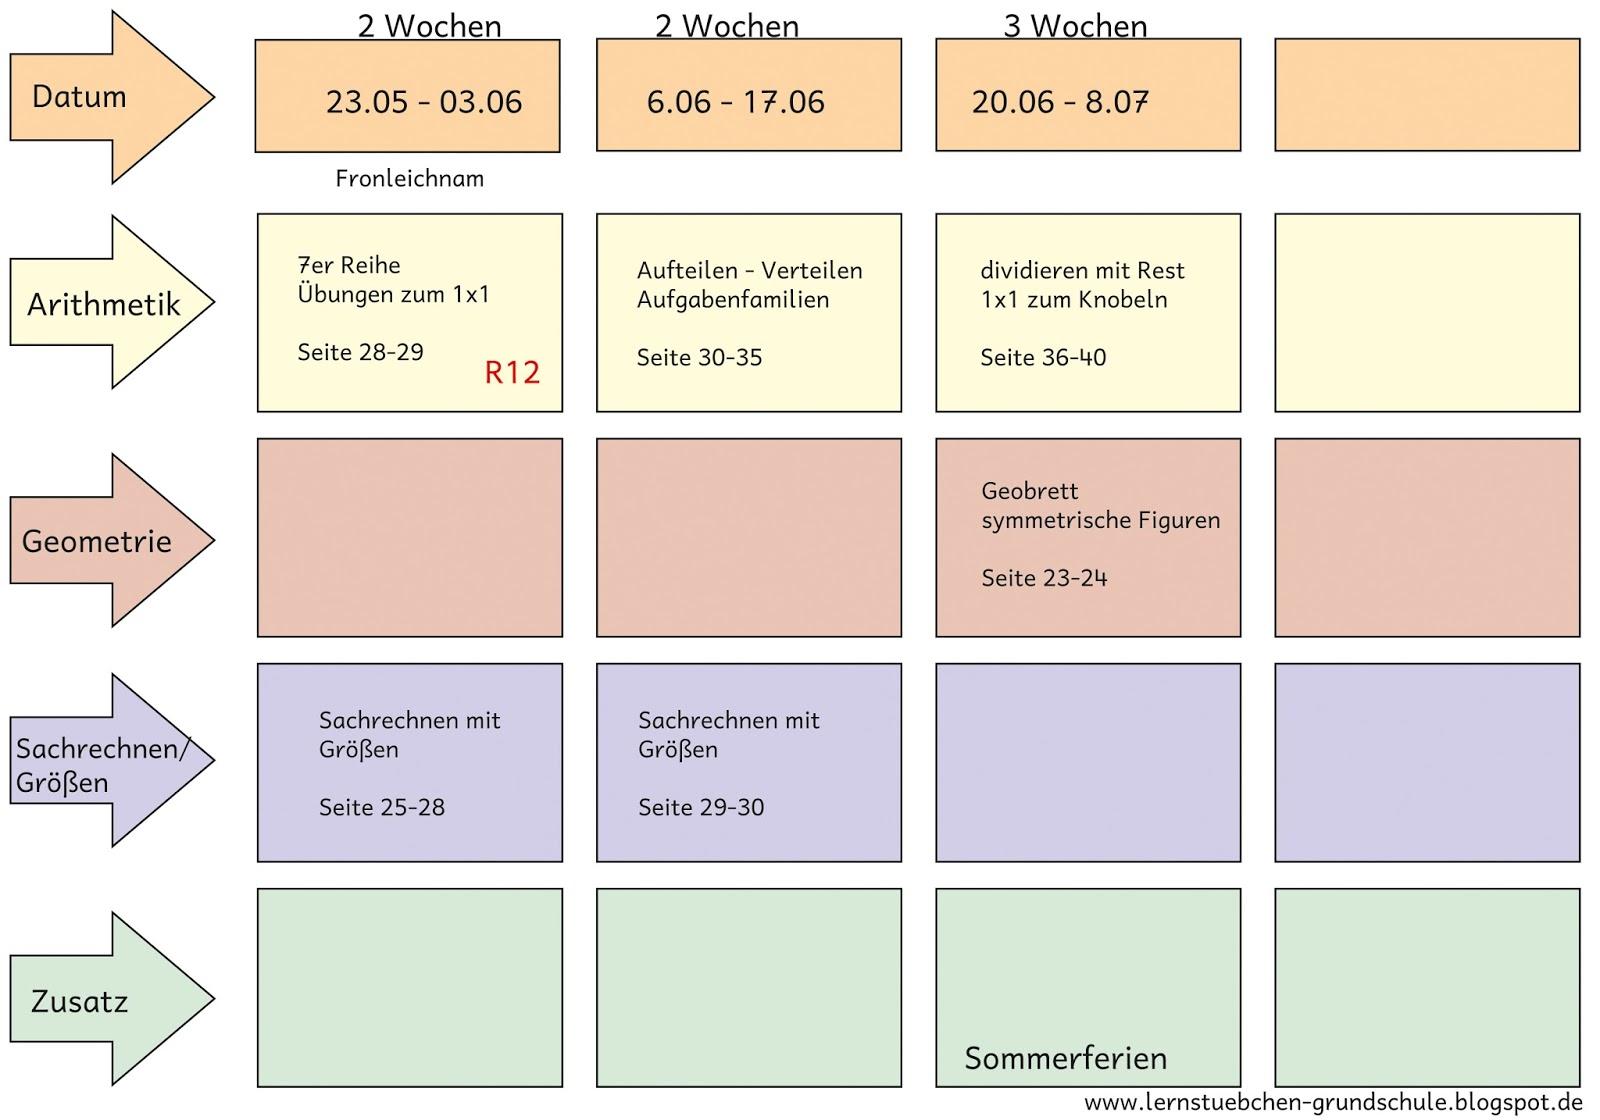 Schön Test Blaupause Vorlage Bilder - Entry Level Resume Vorlagen ...